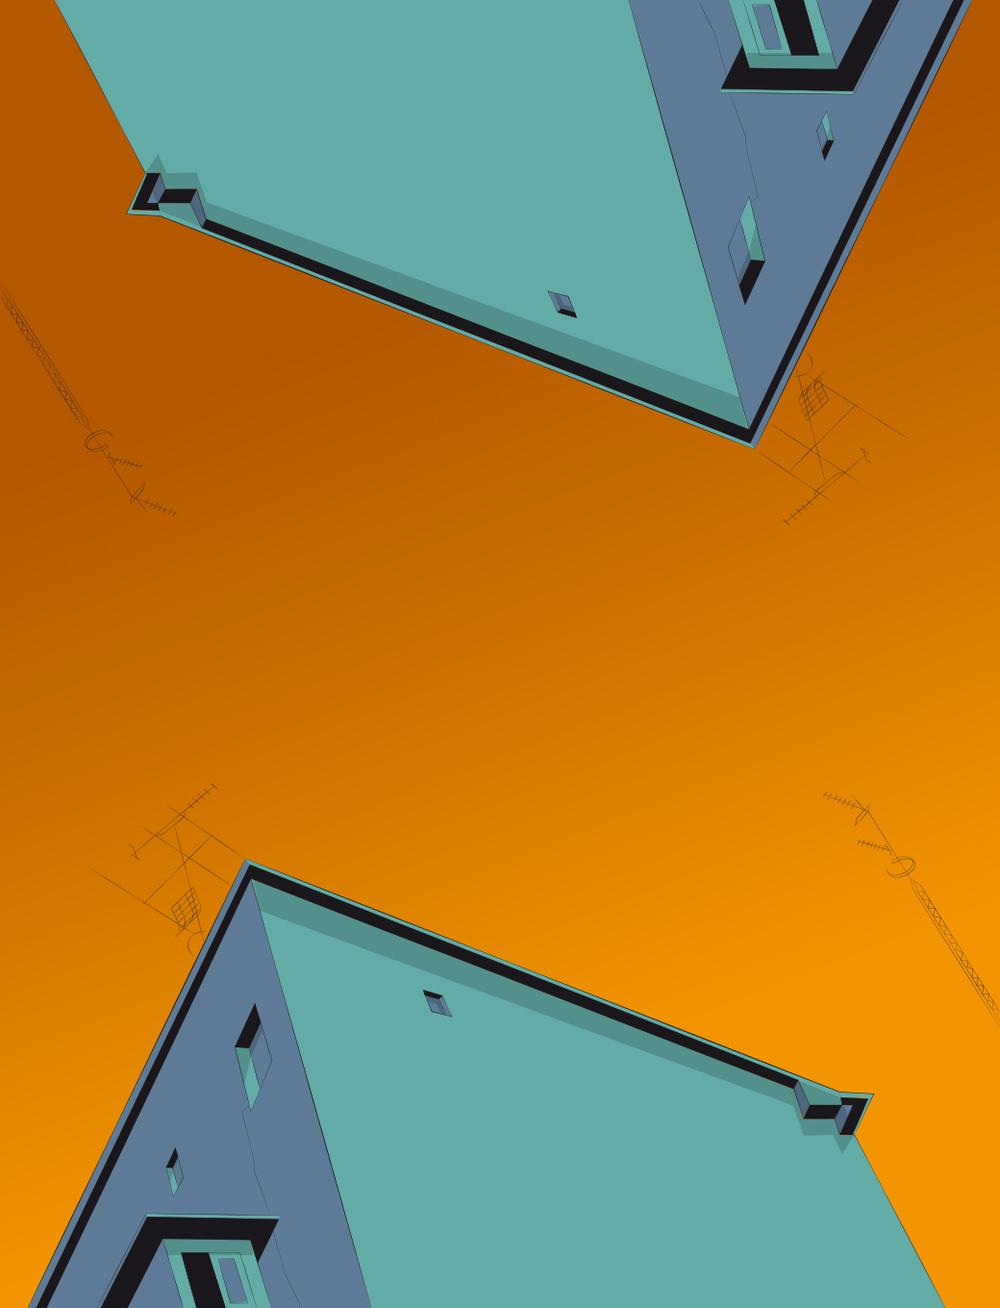 ilustración: luis echánove